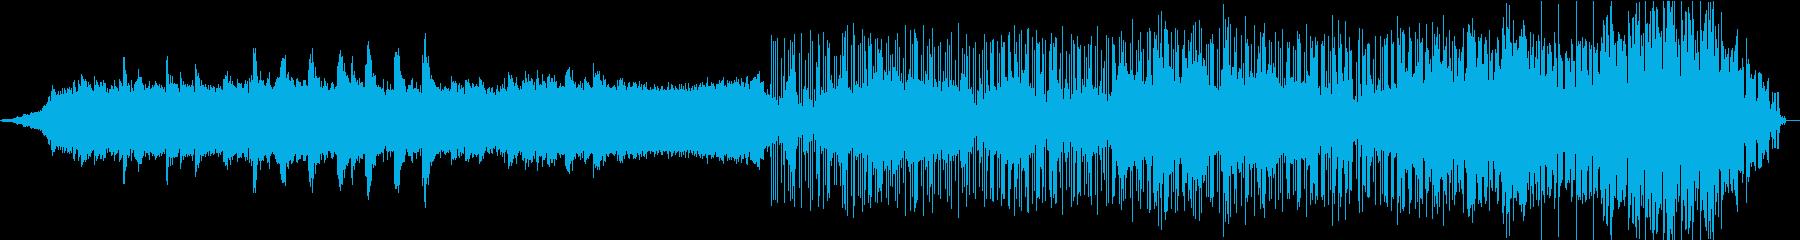 暗いアンビエント、実験的サウンドス...の再生済みの波形